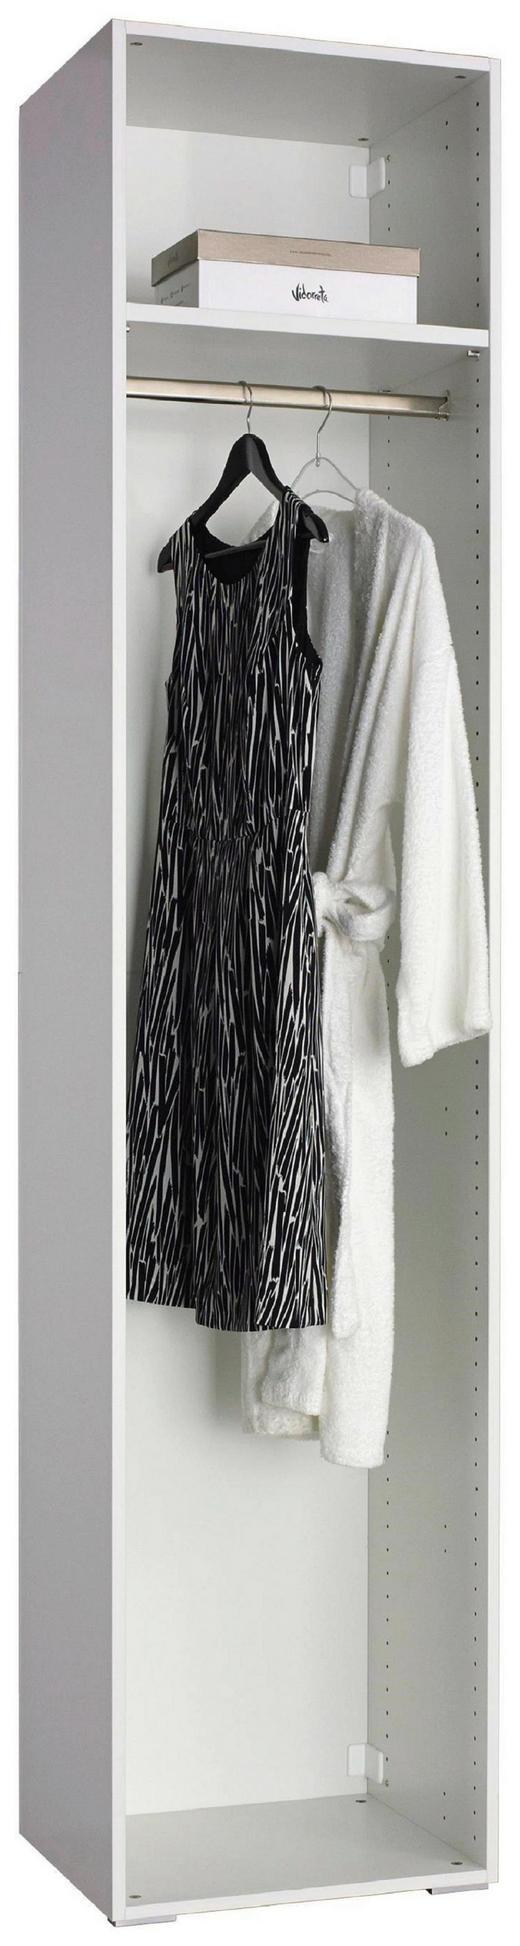 KLEIDERSCHRANKKORPUS 51/231/41 cm - Weiß, Design (51/231/41cm) - Carryhome